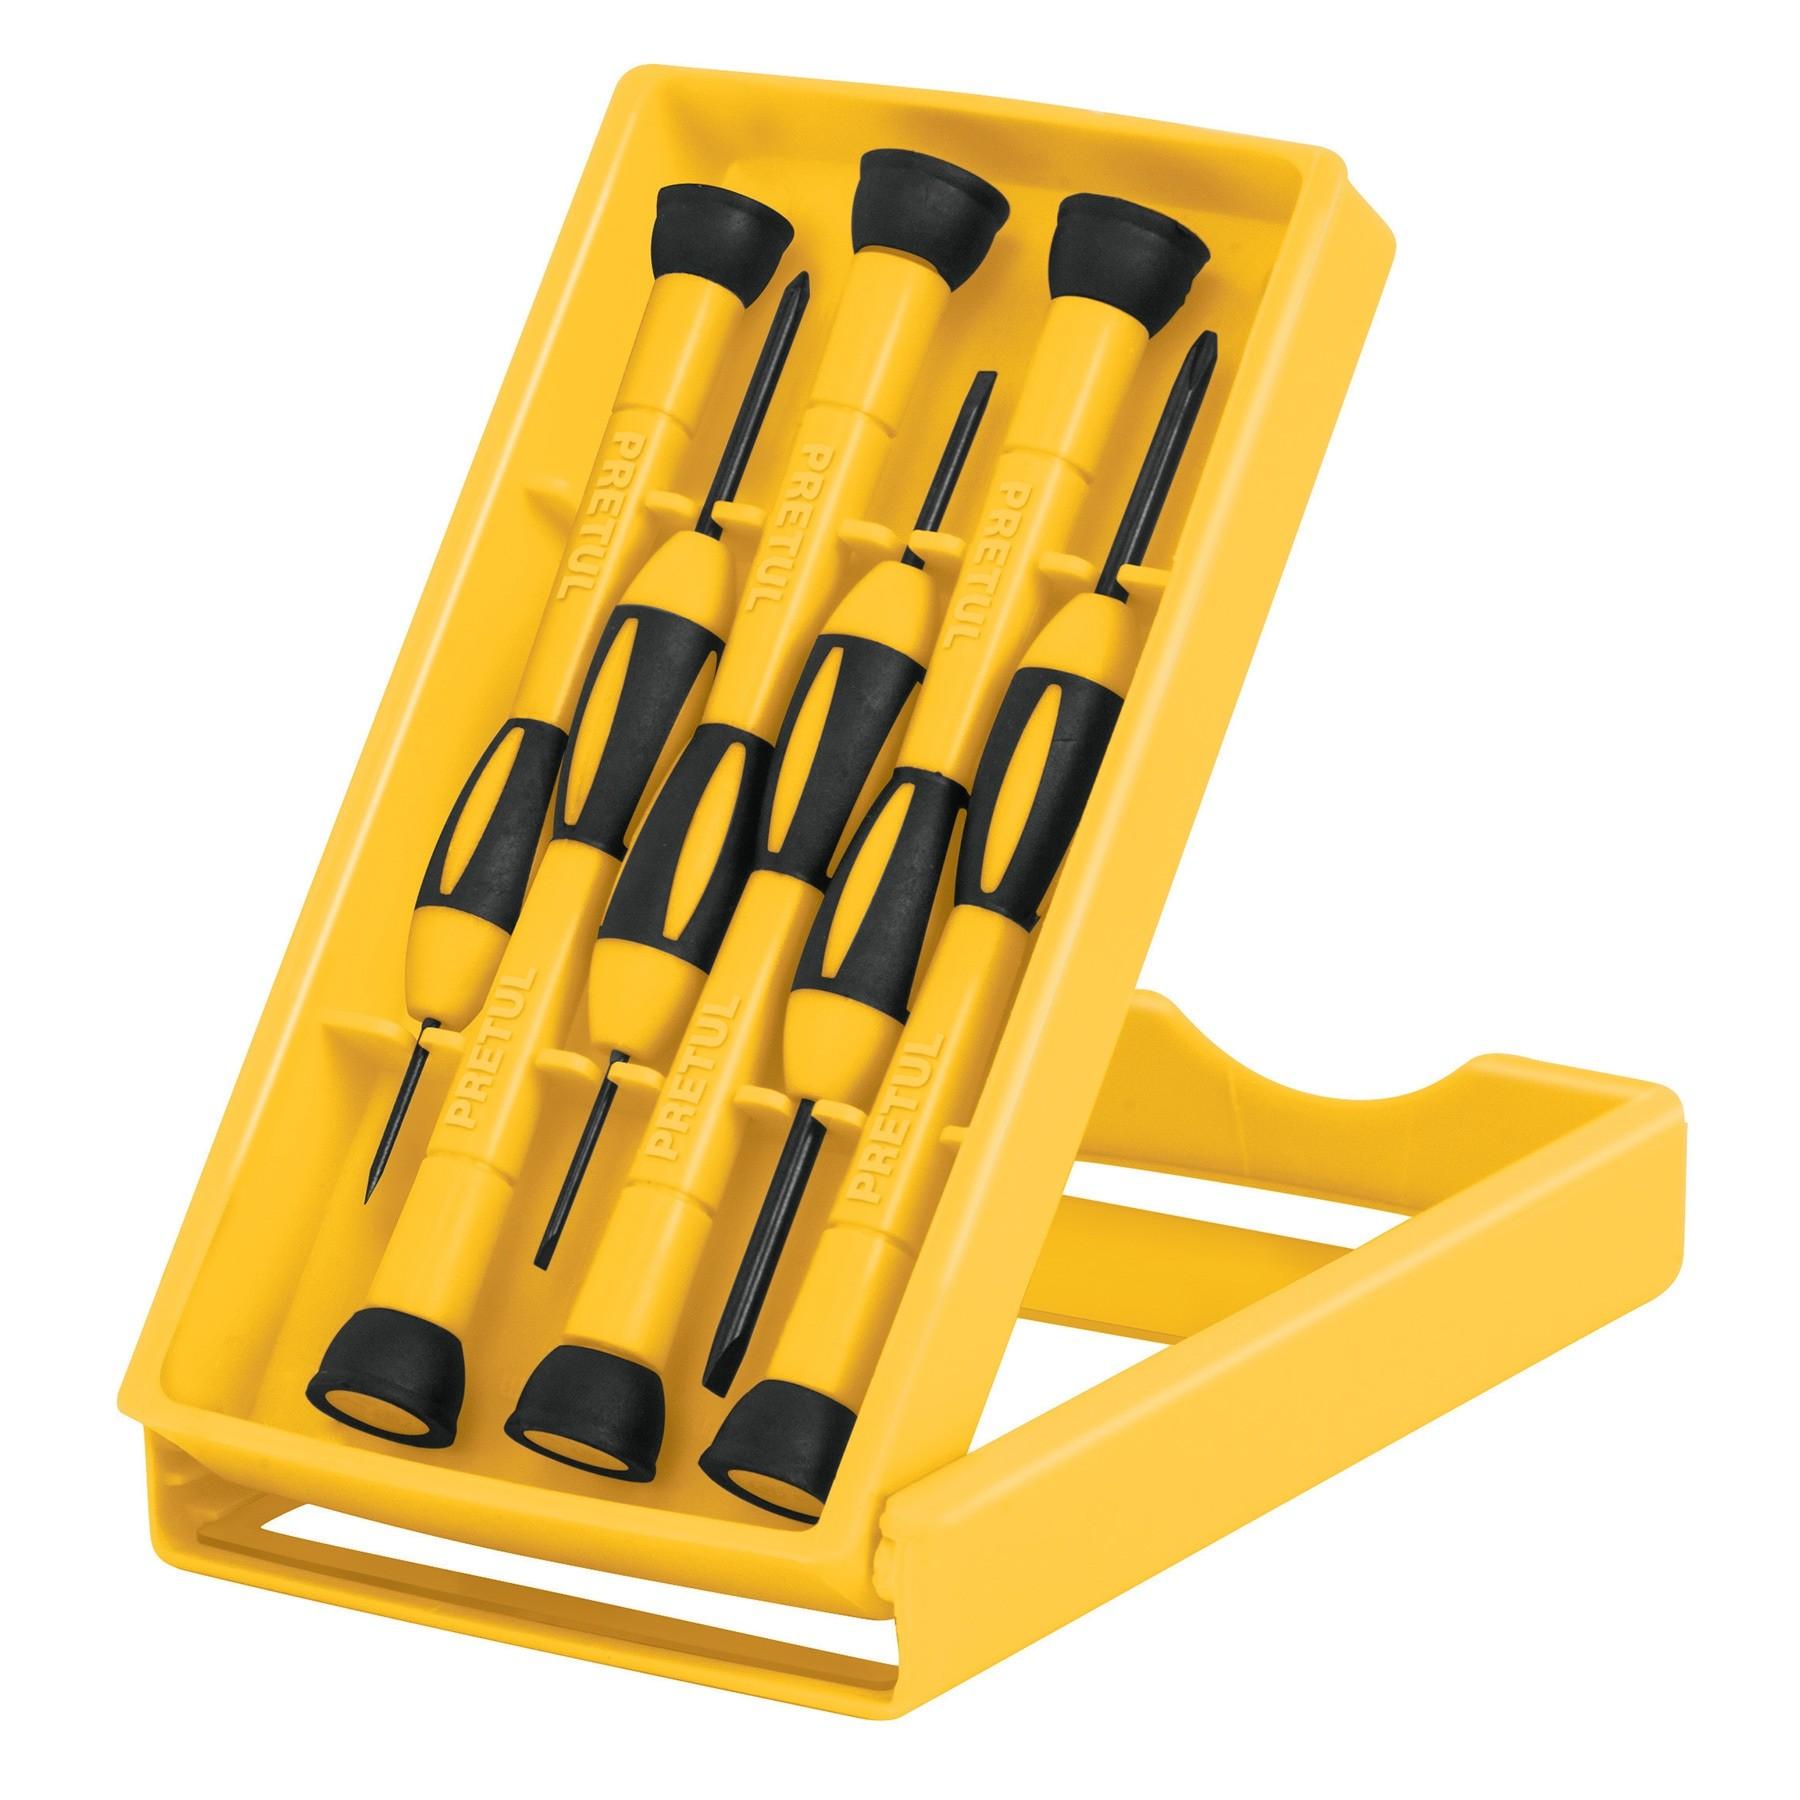 Juego con desarmadores de precisión, 6 piezas, Pretul